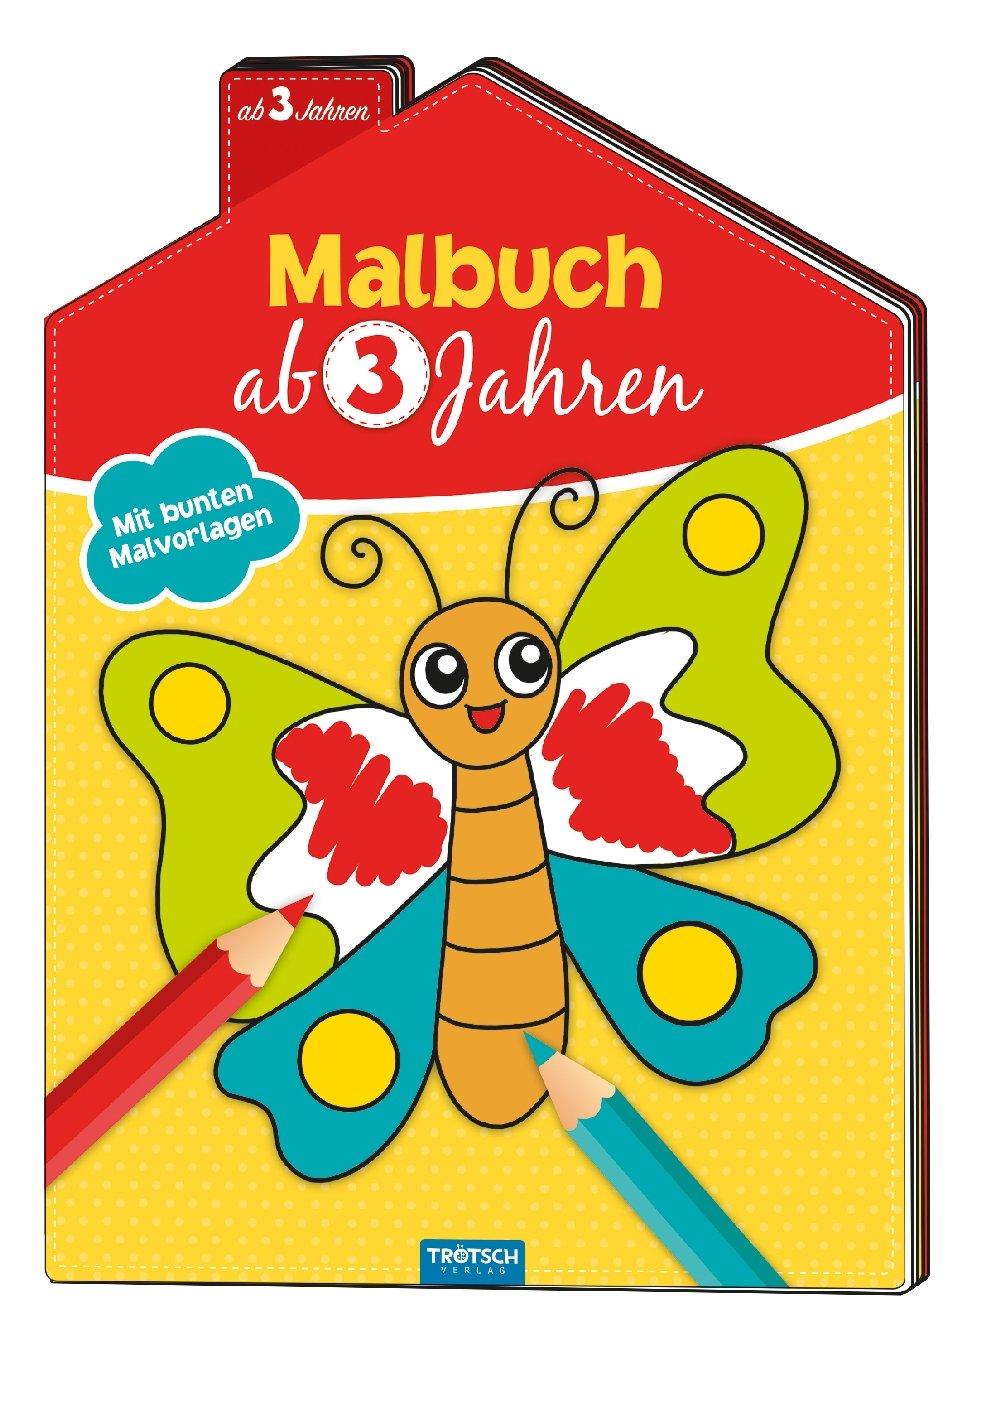 Sonstige Mal- & Zeichenmaterialien für Kinder Malbuch ab 4 Jahren Mit bunten Malvorlagen Broschüre Deutsch 2018